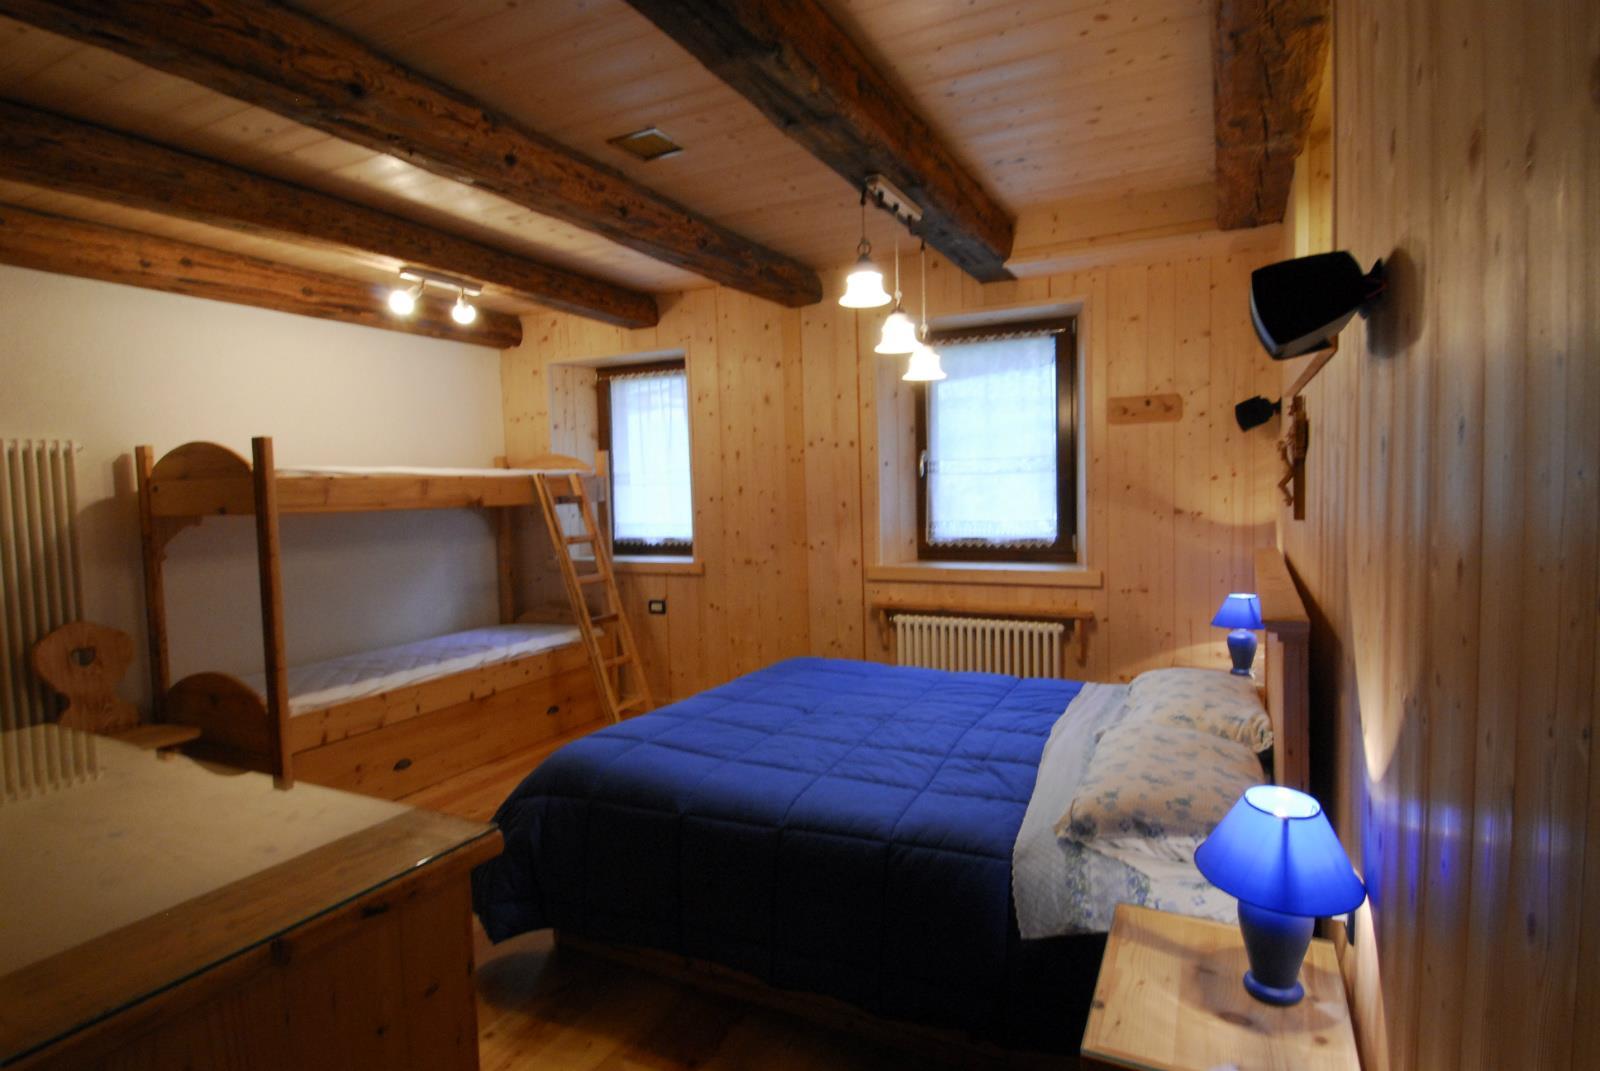 Mobili e complementi d 39 arredo realizzati dalla legnostile for Mobili e complementi d arredo